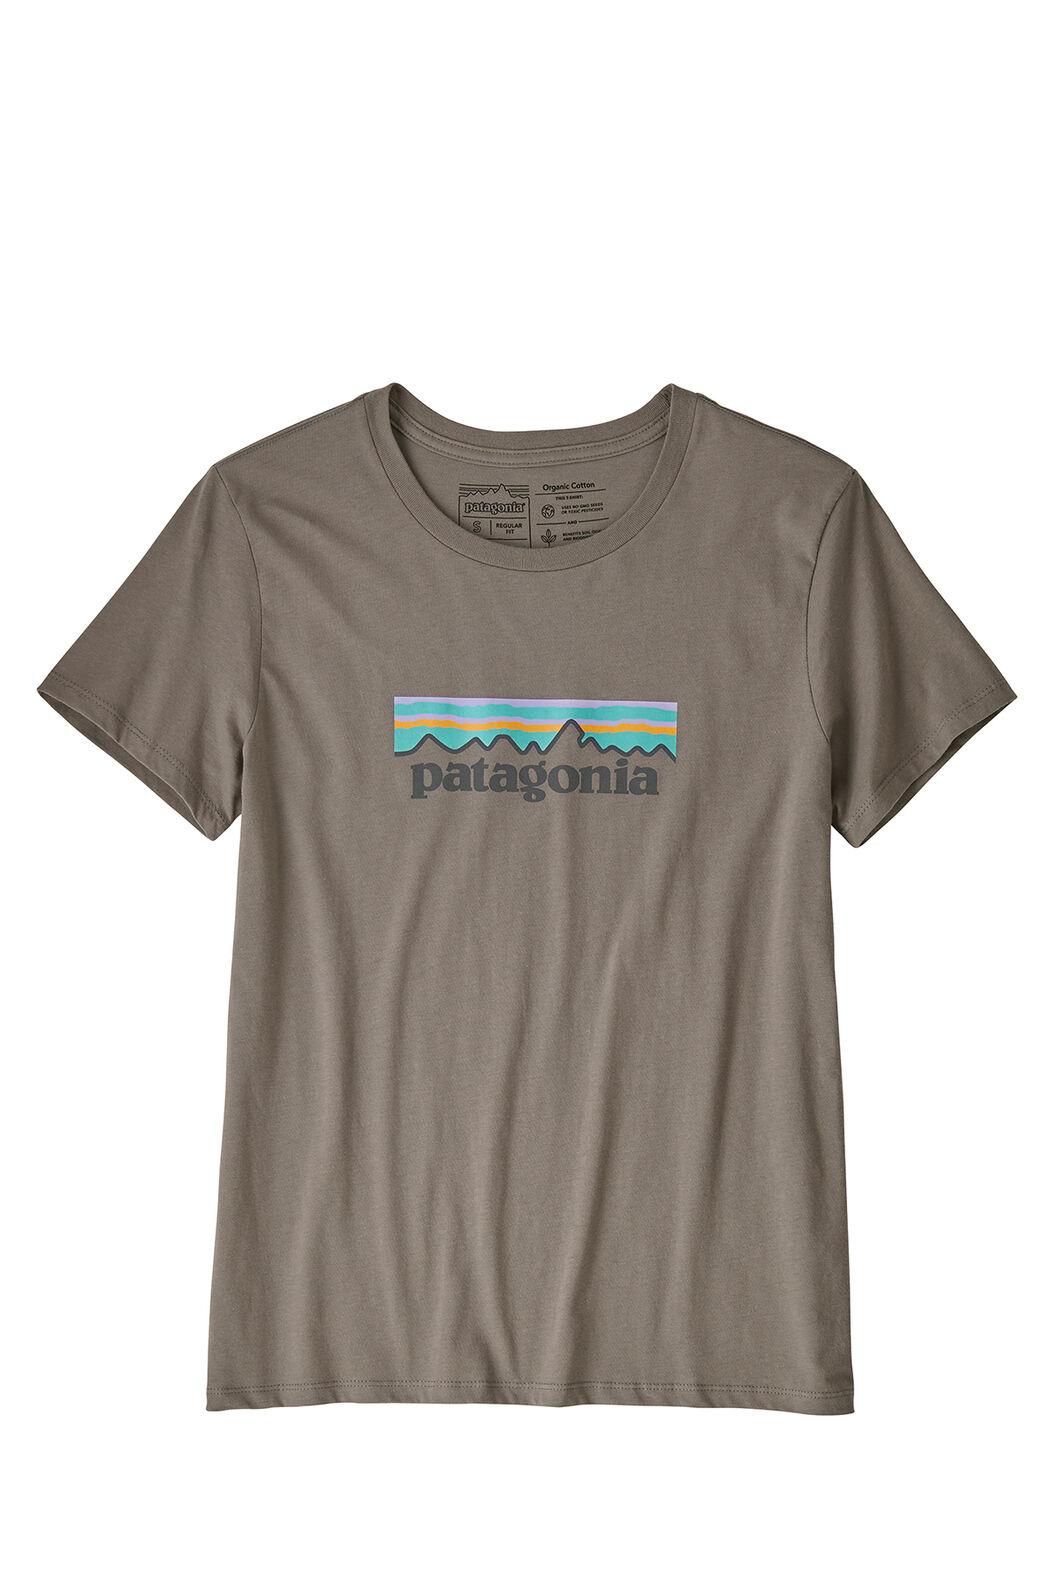 Patagonia Women's Pastel P-6 Logo Tee Gravel, Greyheather, hi-res